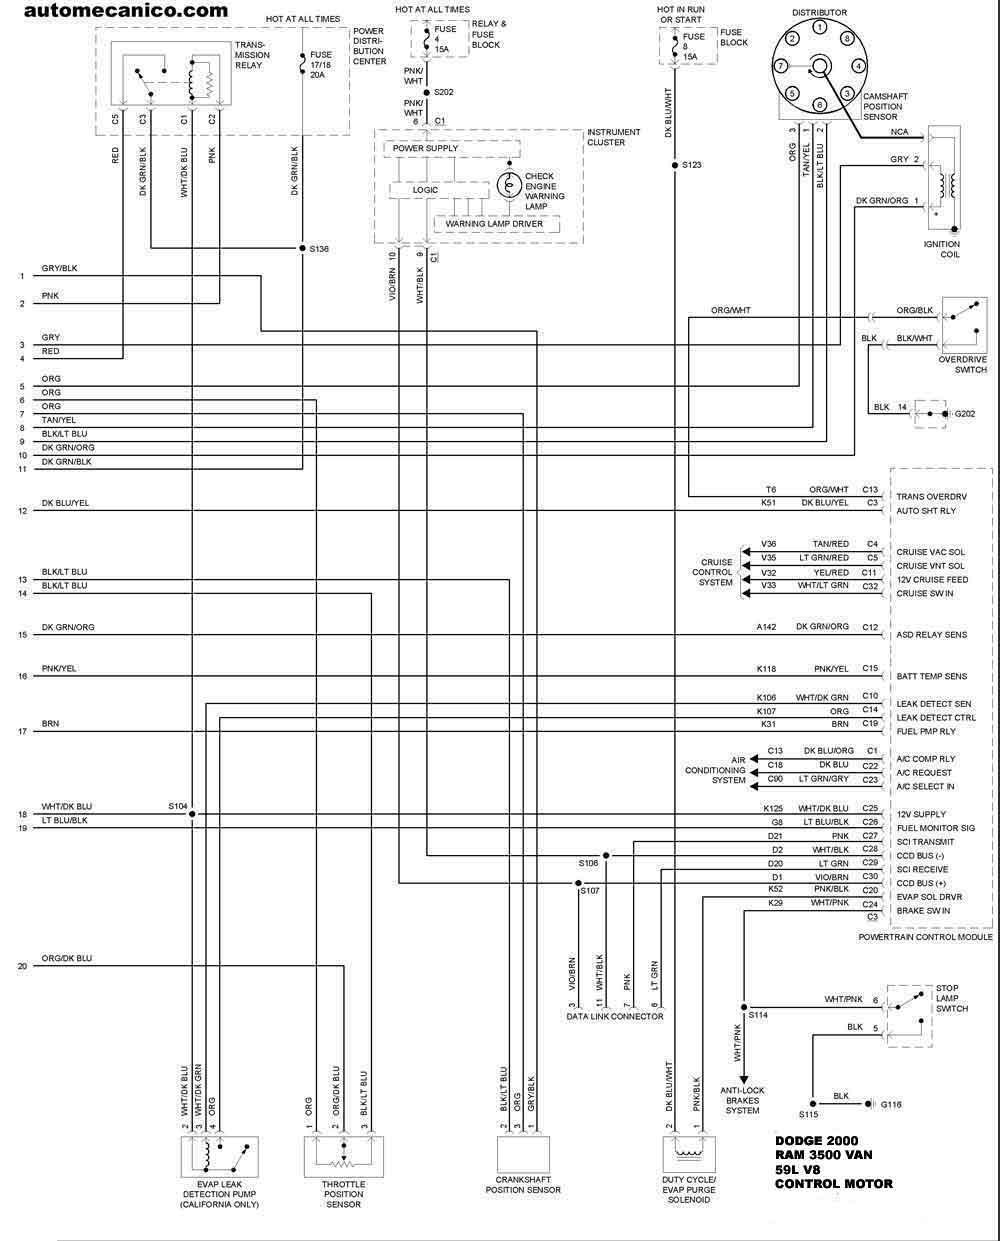 2000 dodge stratus Diagrama del motor